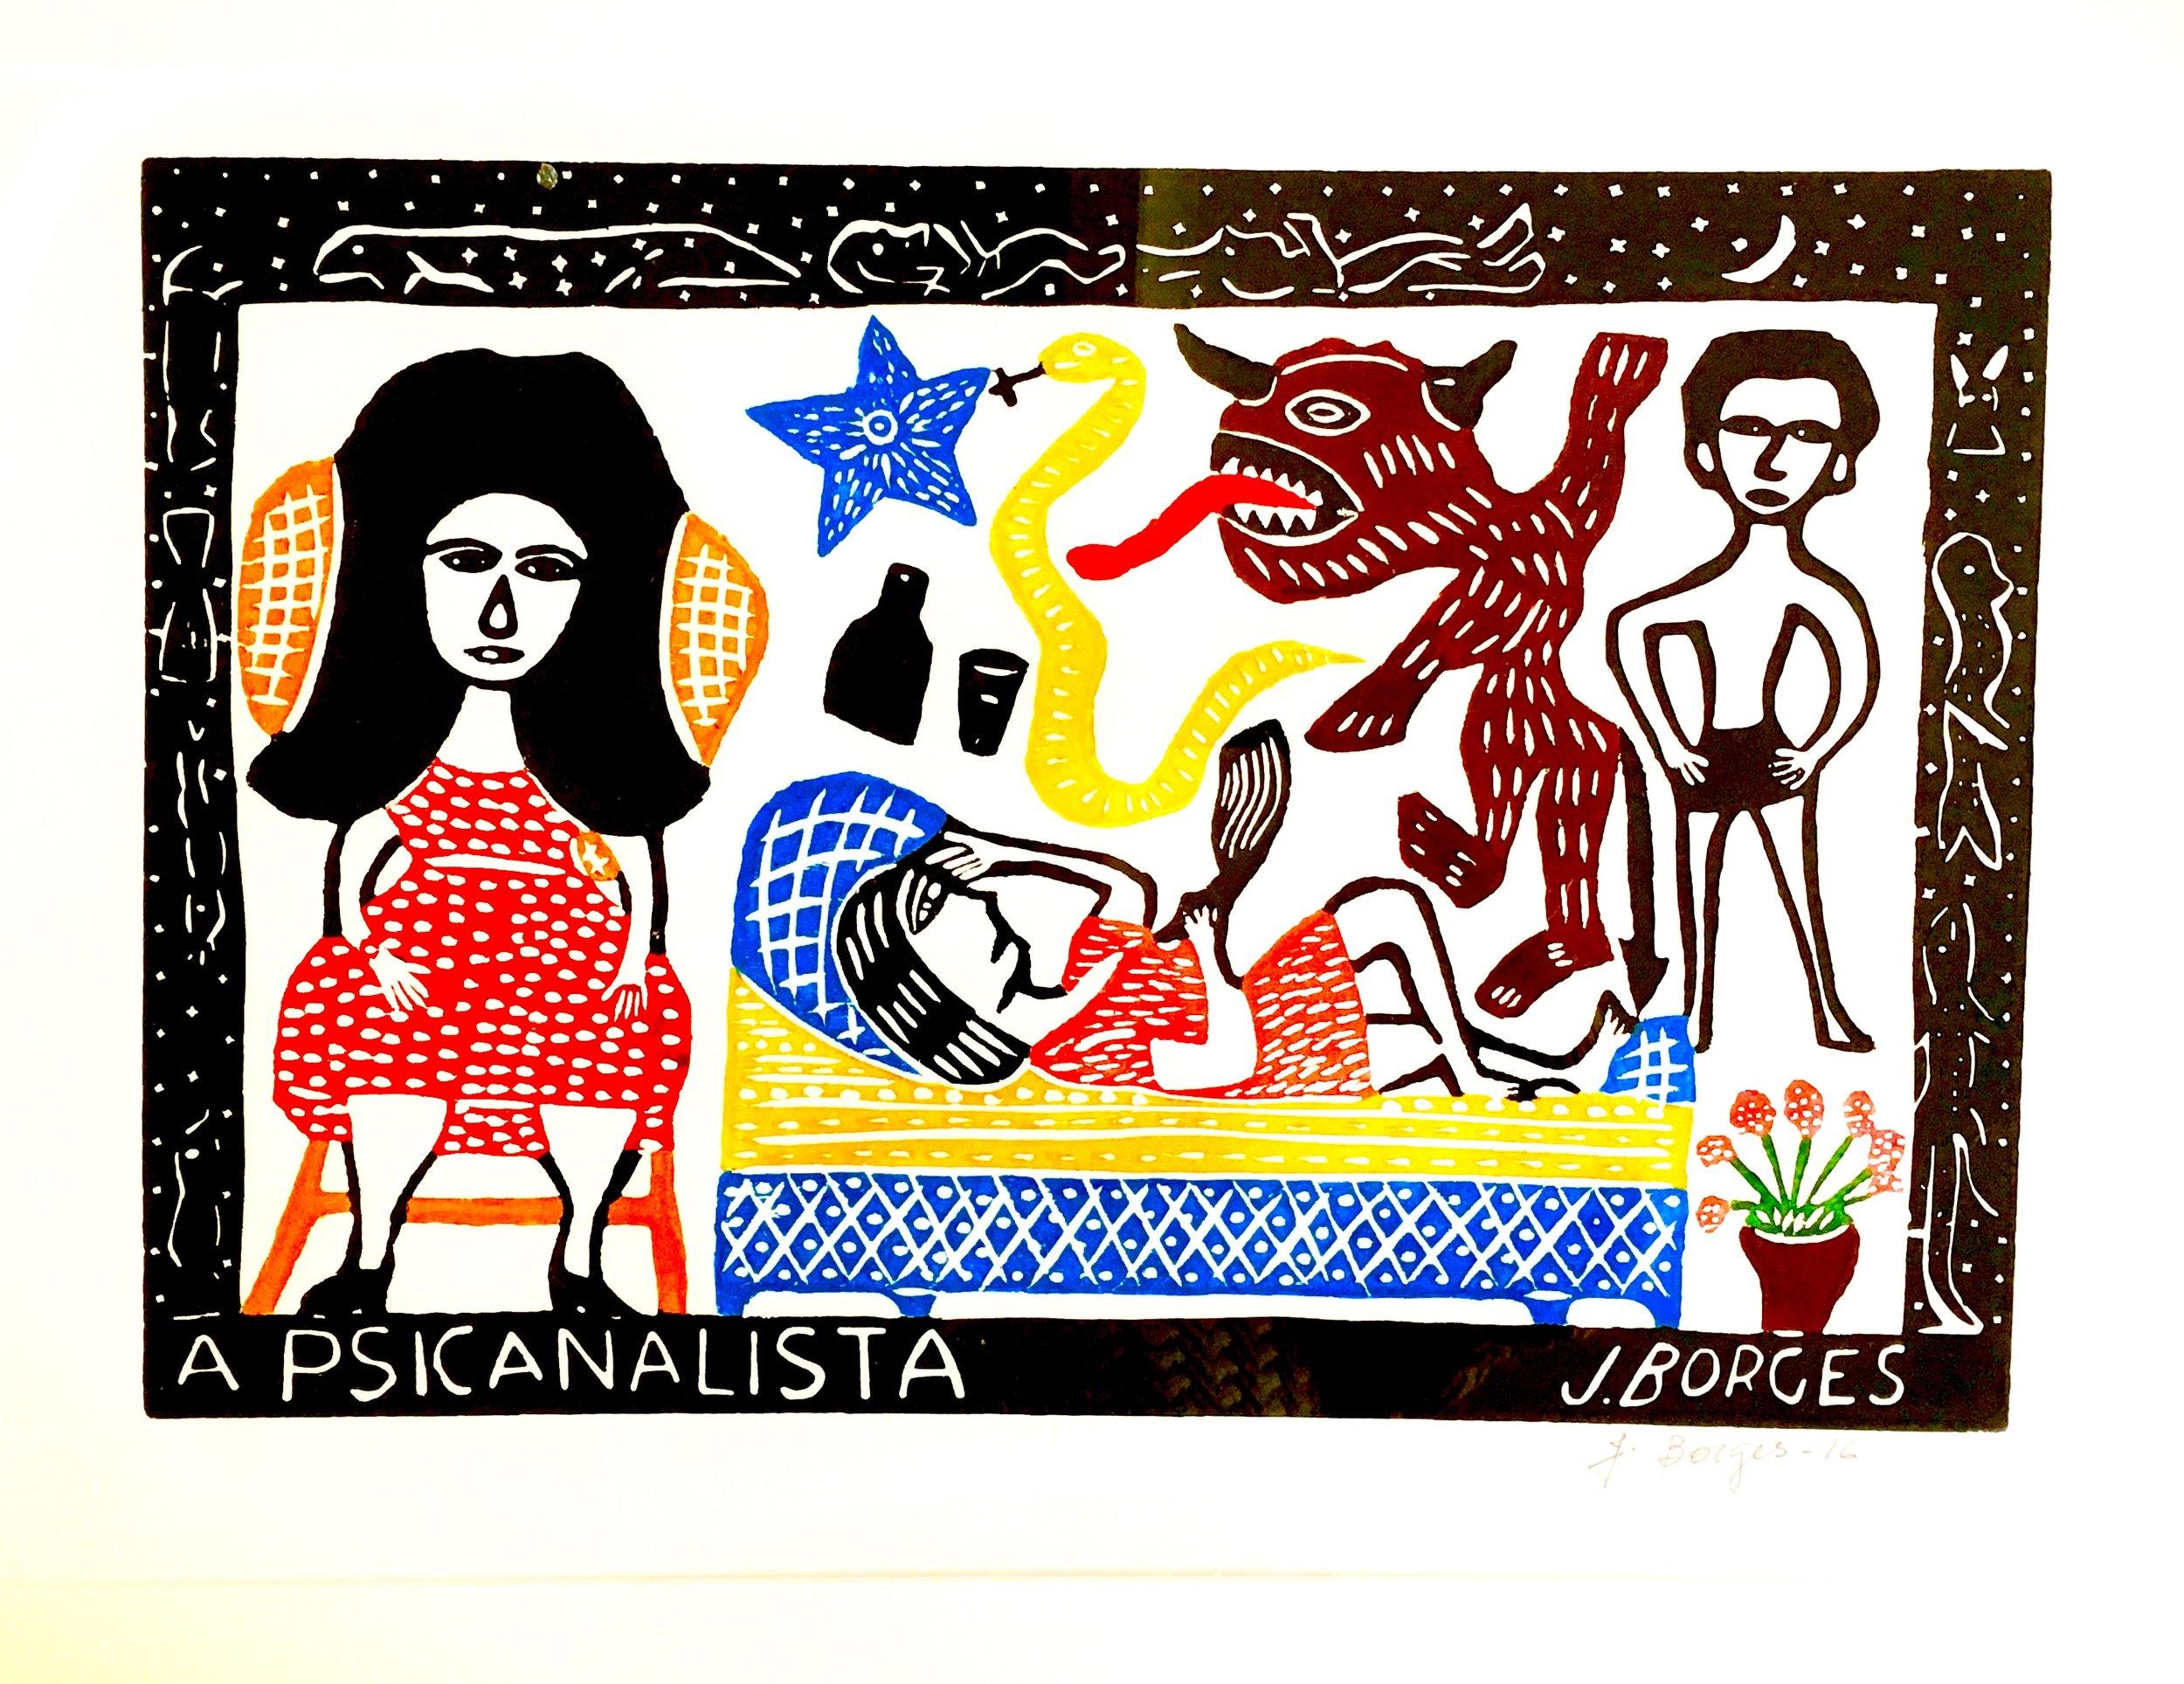 A Psicanalista, woodcut print, paper, framed, J.Borges, Pernambuco, $ 450.00